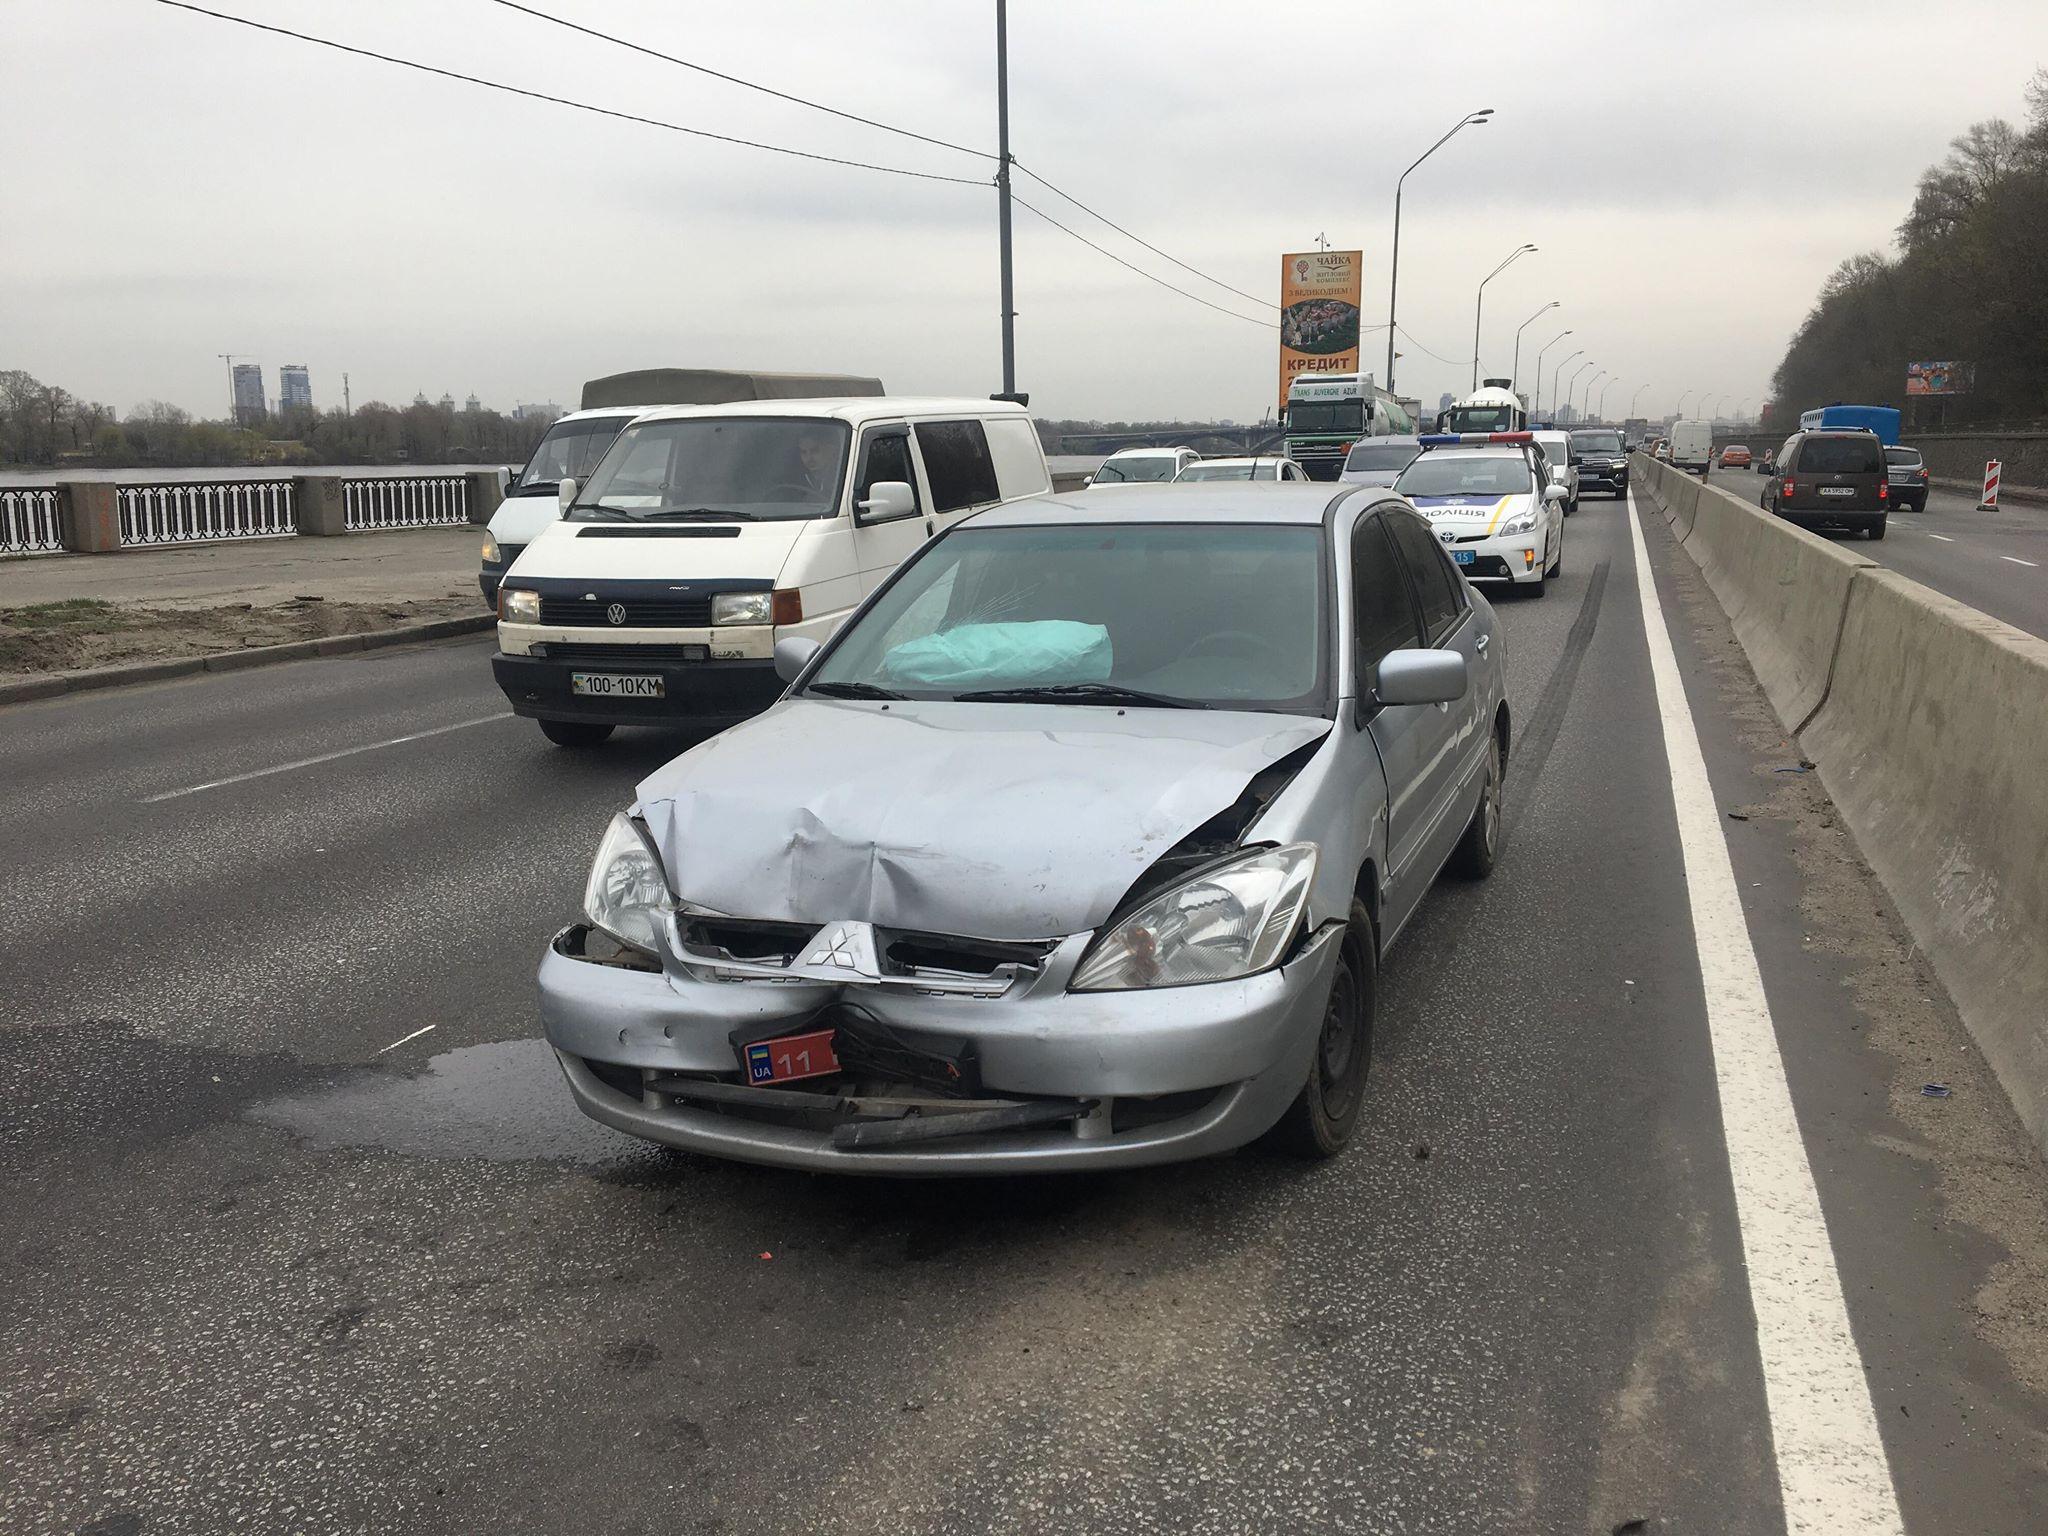 На изменение скоростного движения не успел среагировать Mitsubishi Lancer, в результате чего врезался в Volkswagen